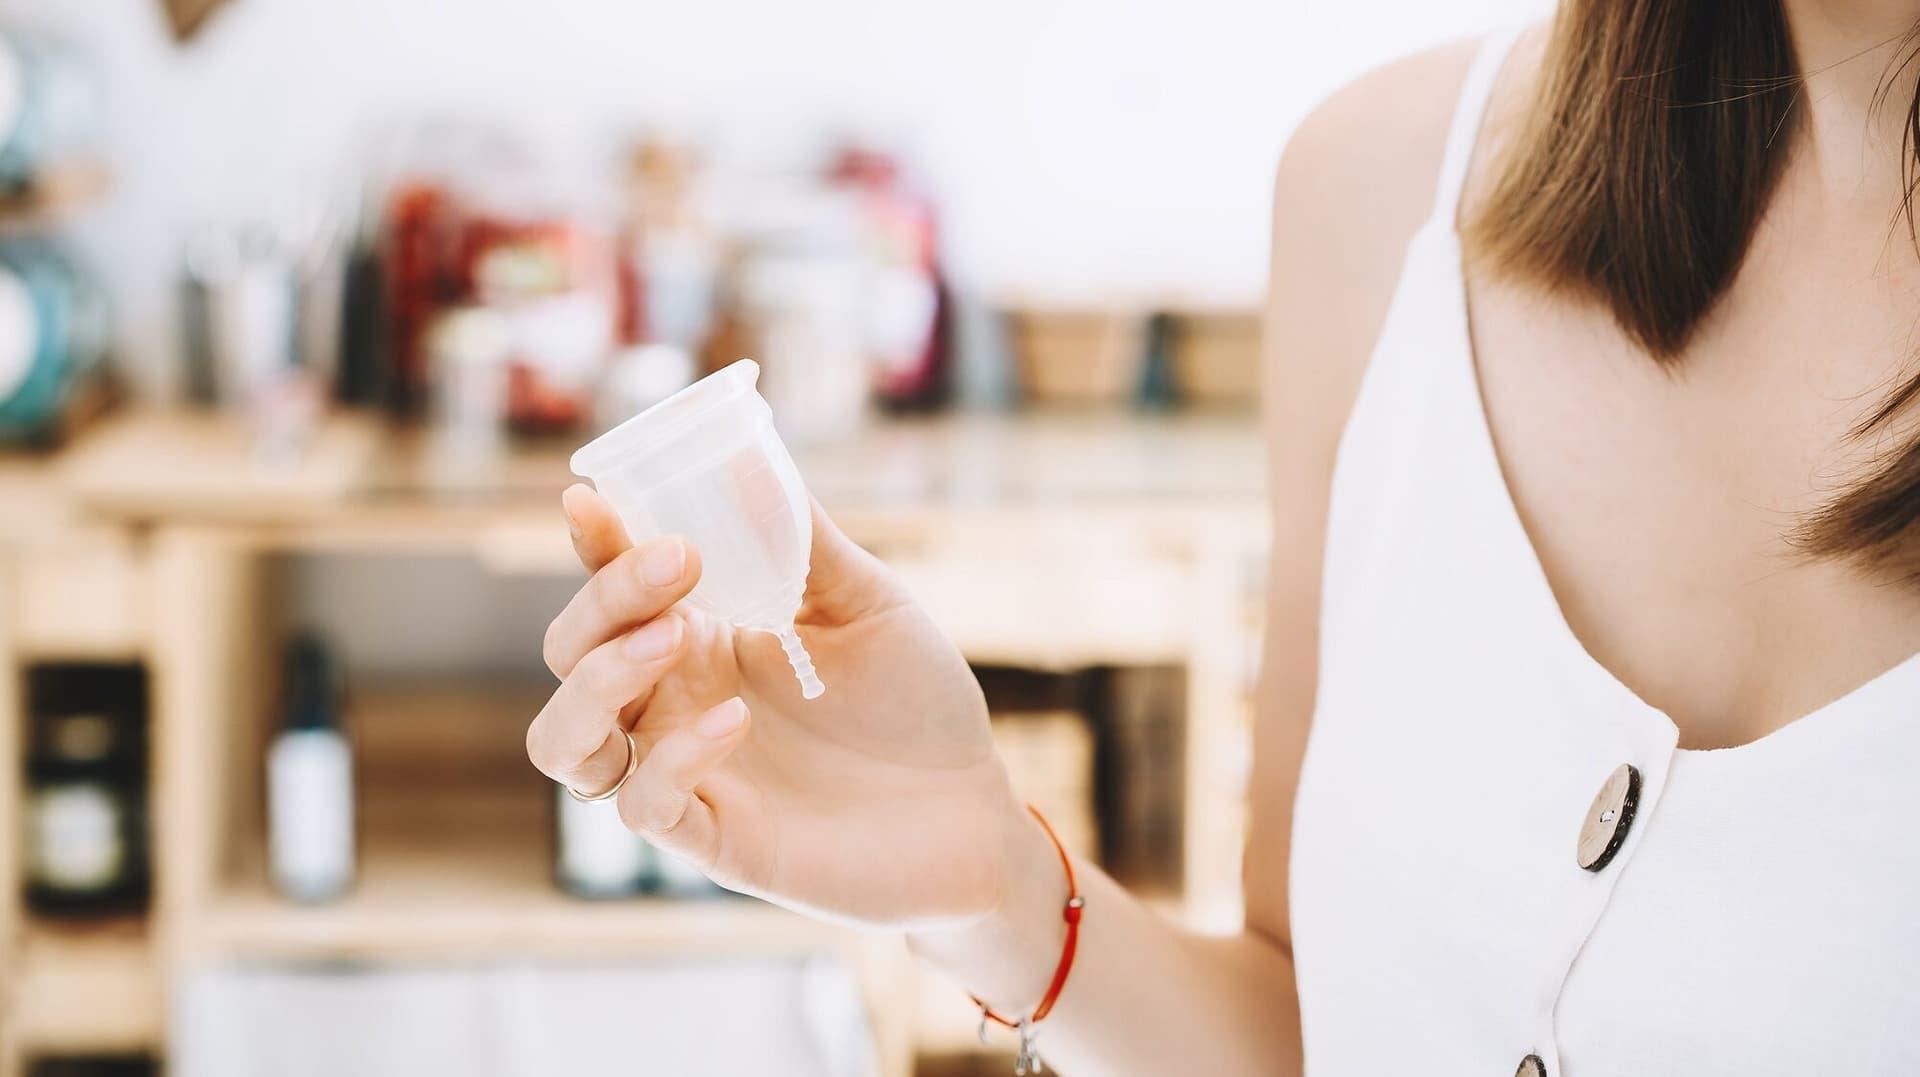 Eine Frau hält eine Menstruationstasse in der Hand